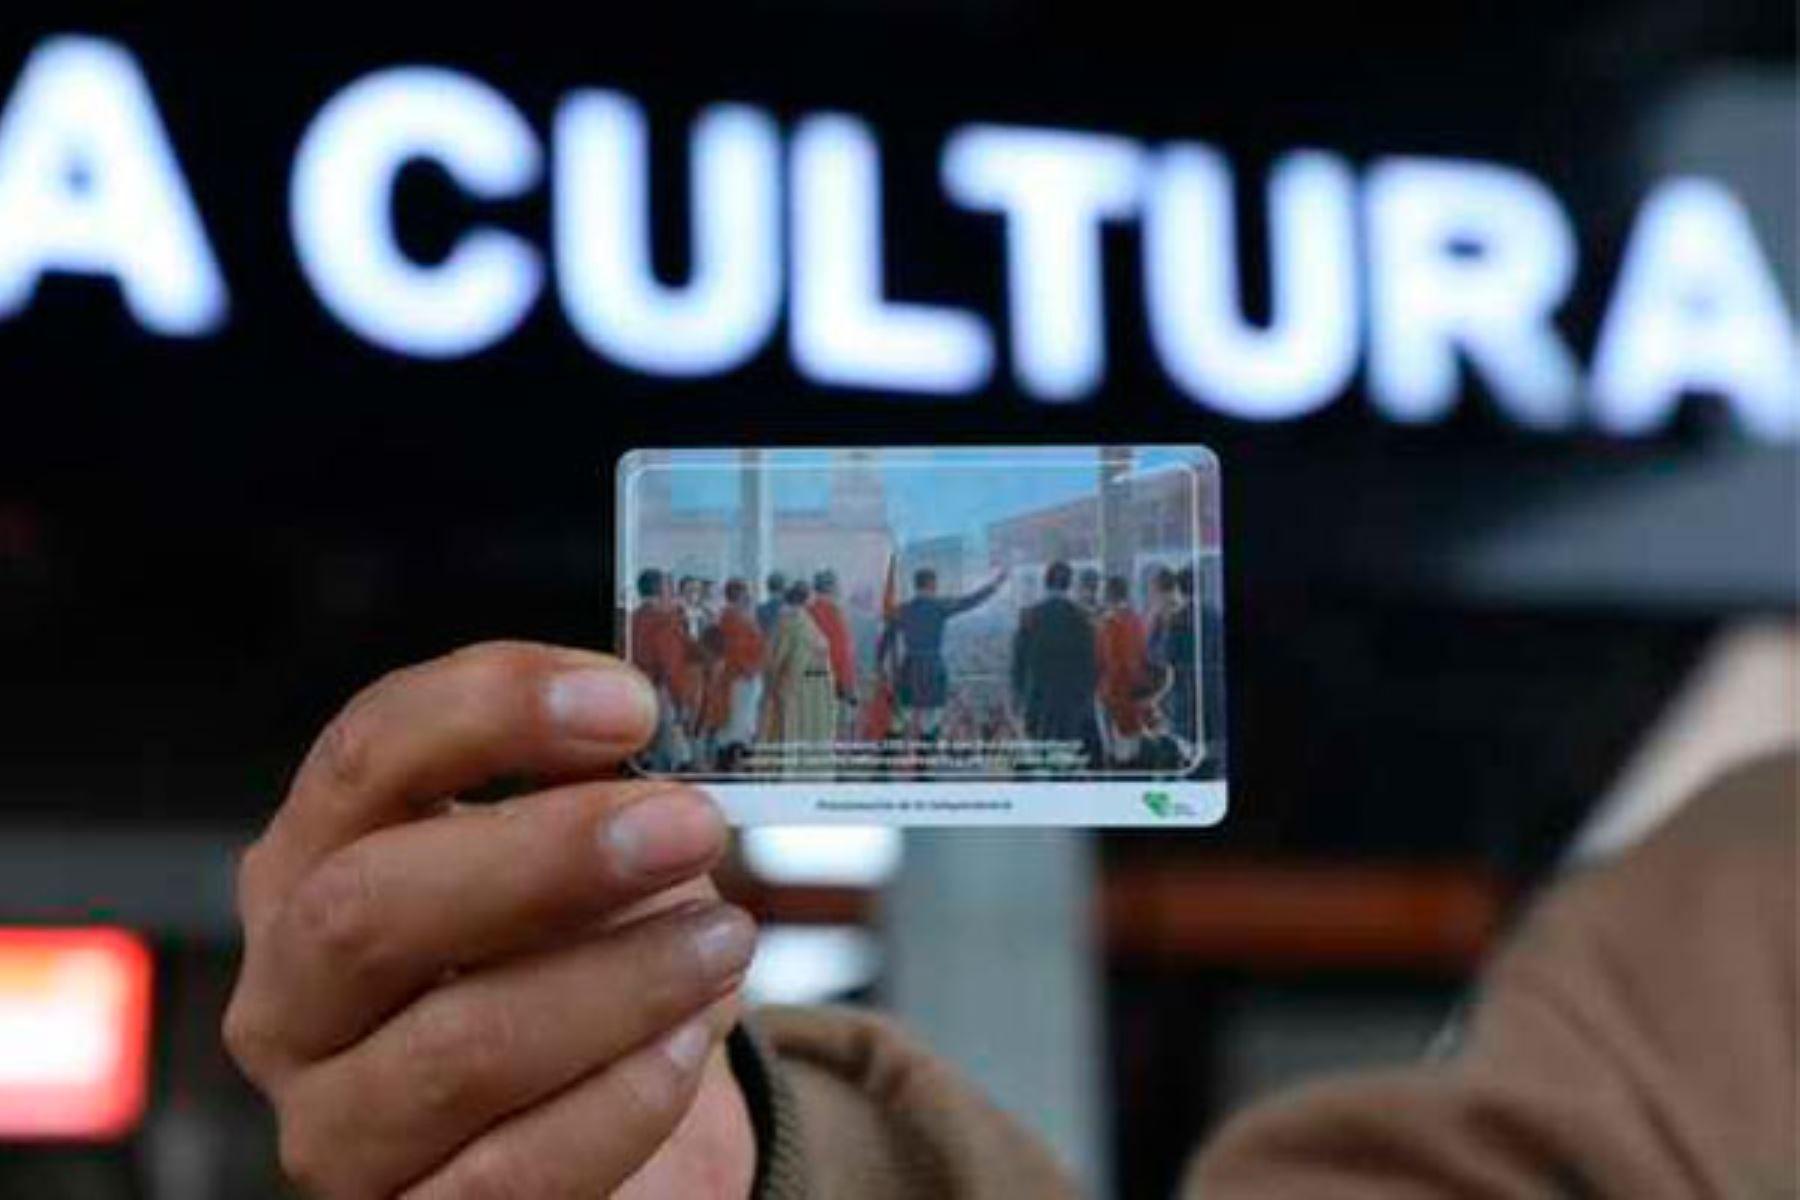 Están disponibles tres diseños distintos de tarjetas coleccionables. Foto: ANDINA/MTC